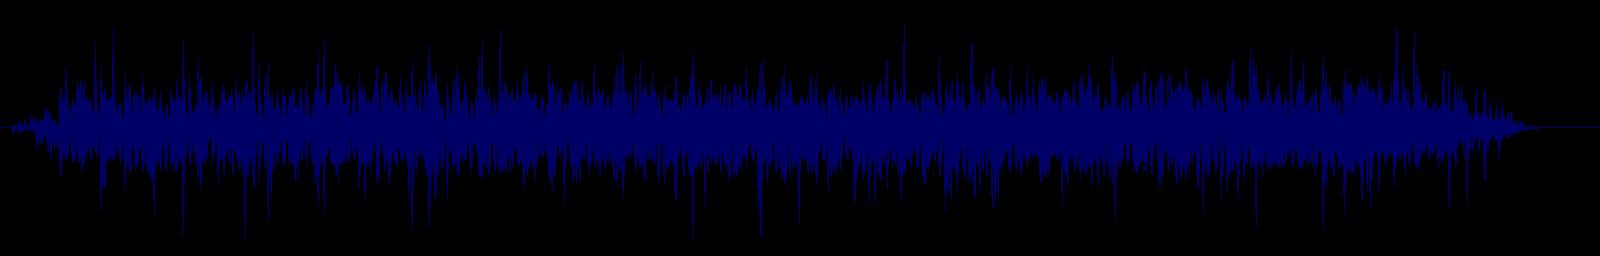 waveform of track #98074